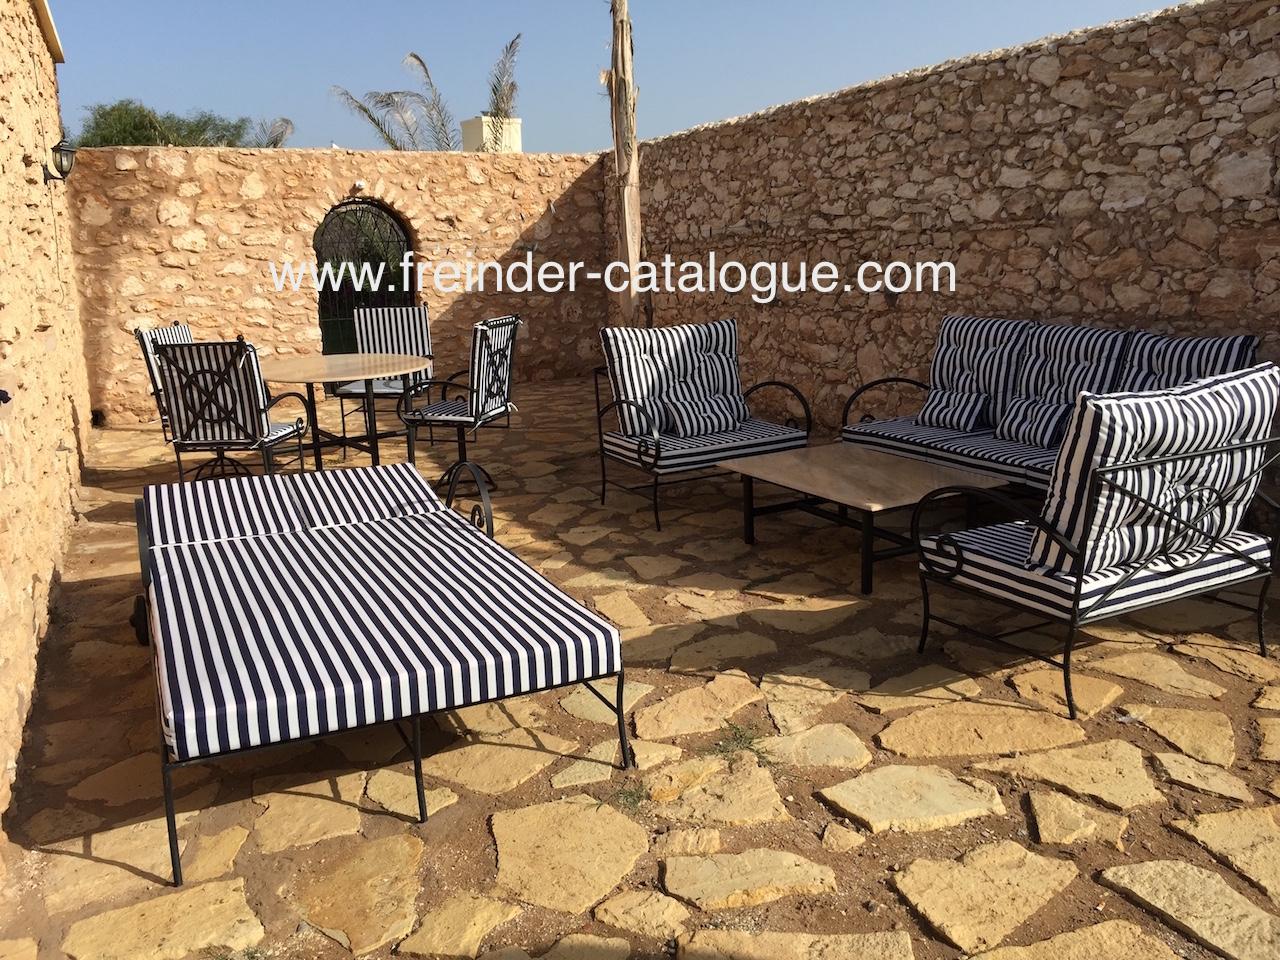 Royal Sofa - Salon De Jardin En Fer Forgé Pas Cher destiné Salon De Jardin En Fer Forgé Pas Cher